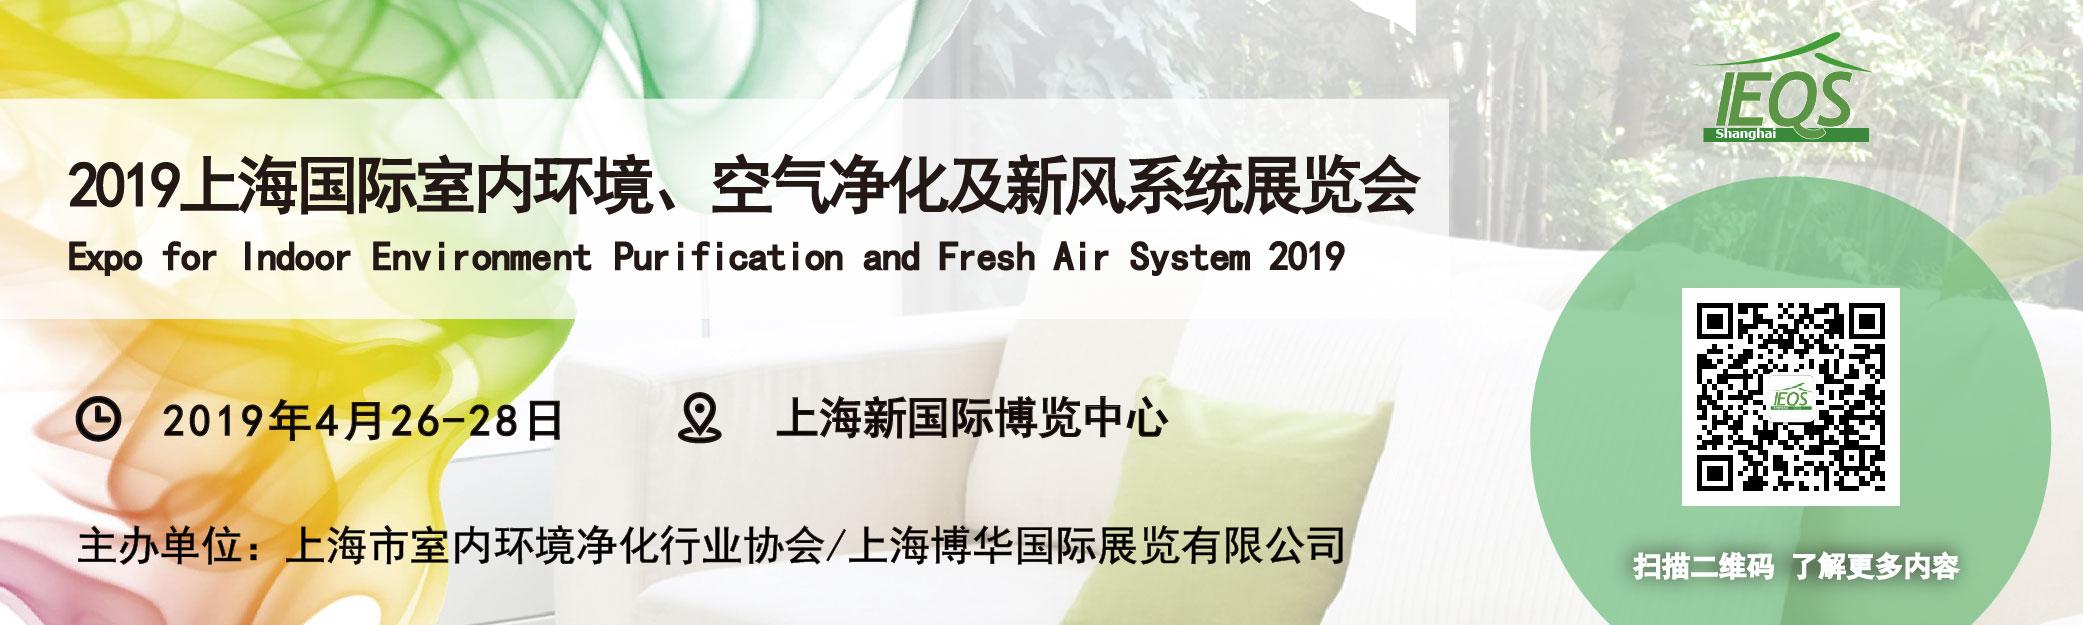 2019上海国际室内环境、空气净化及新风系统博览会